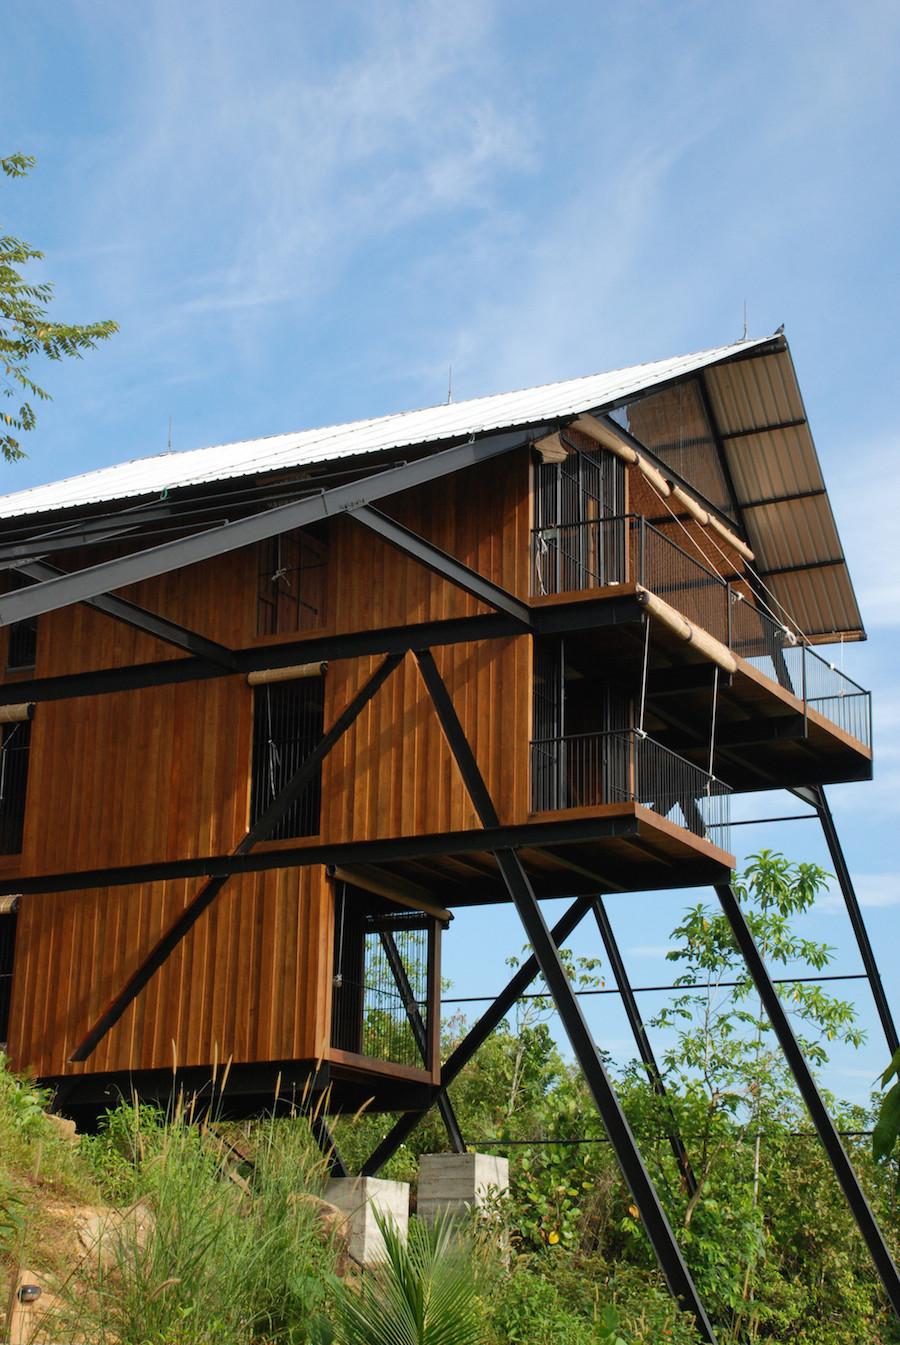 superbe bungalow en bois  u00e0 trois niveaux au sri lanka